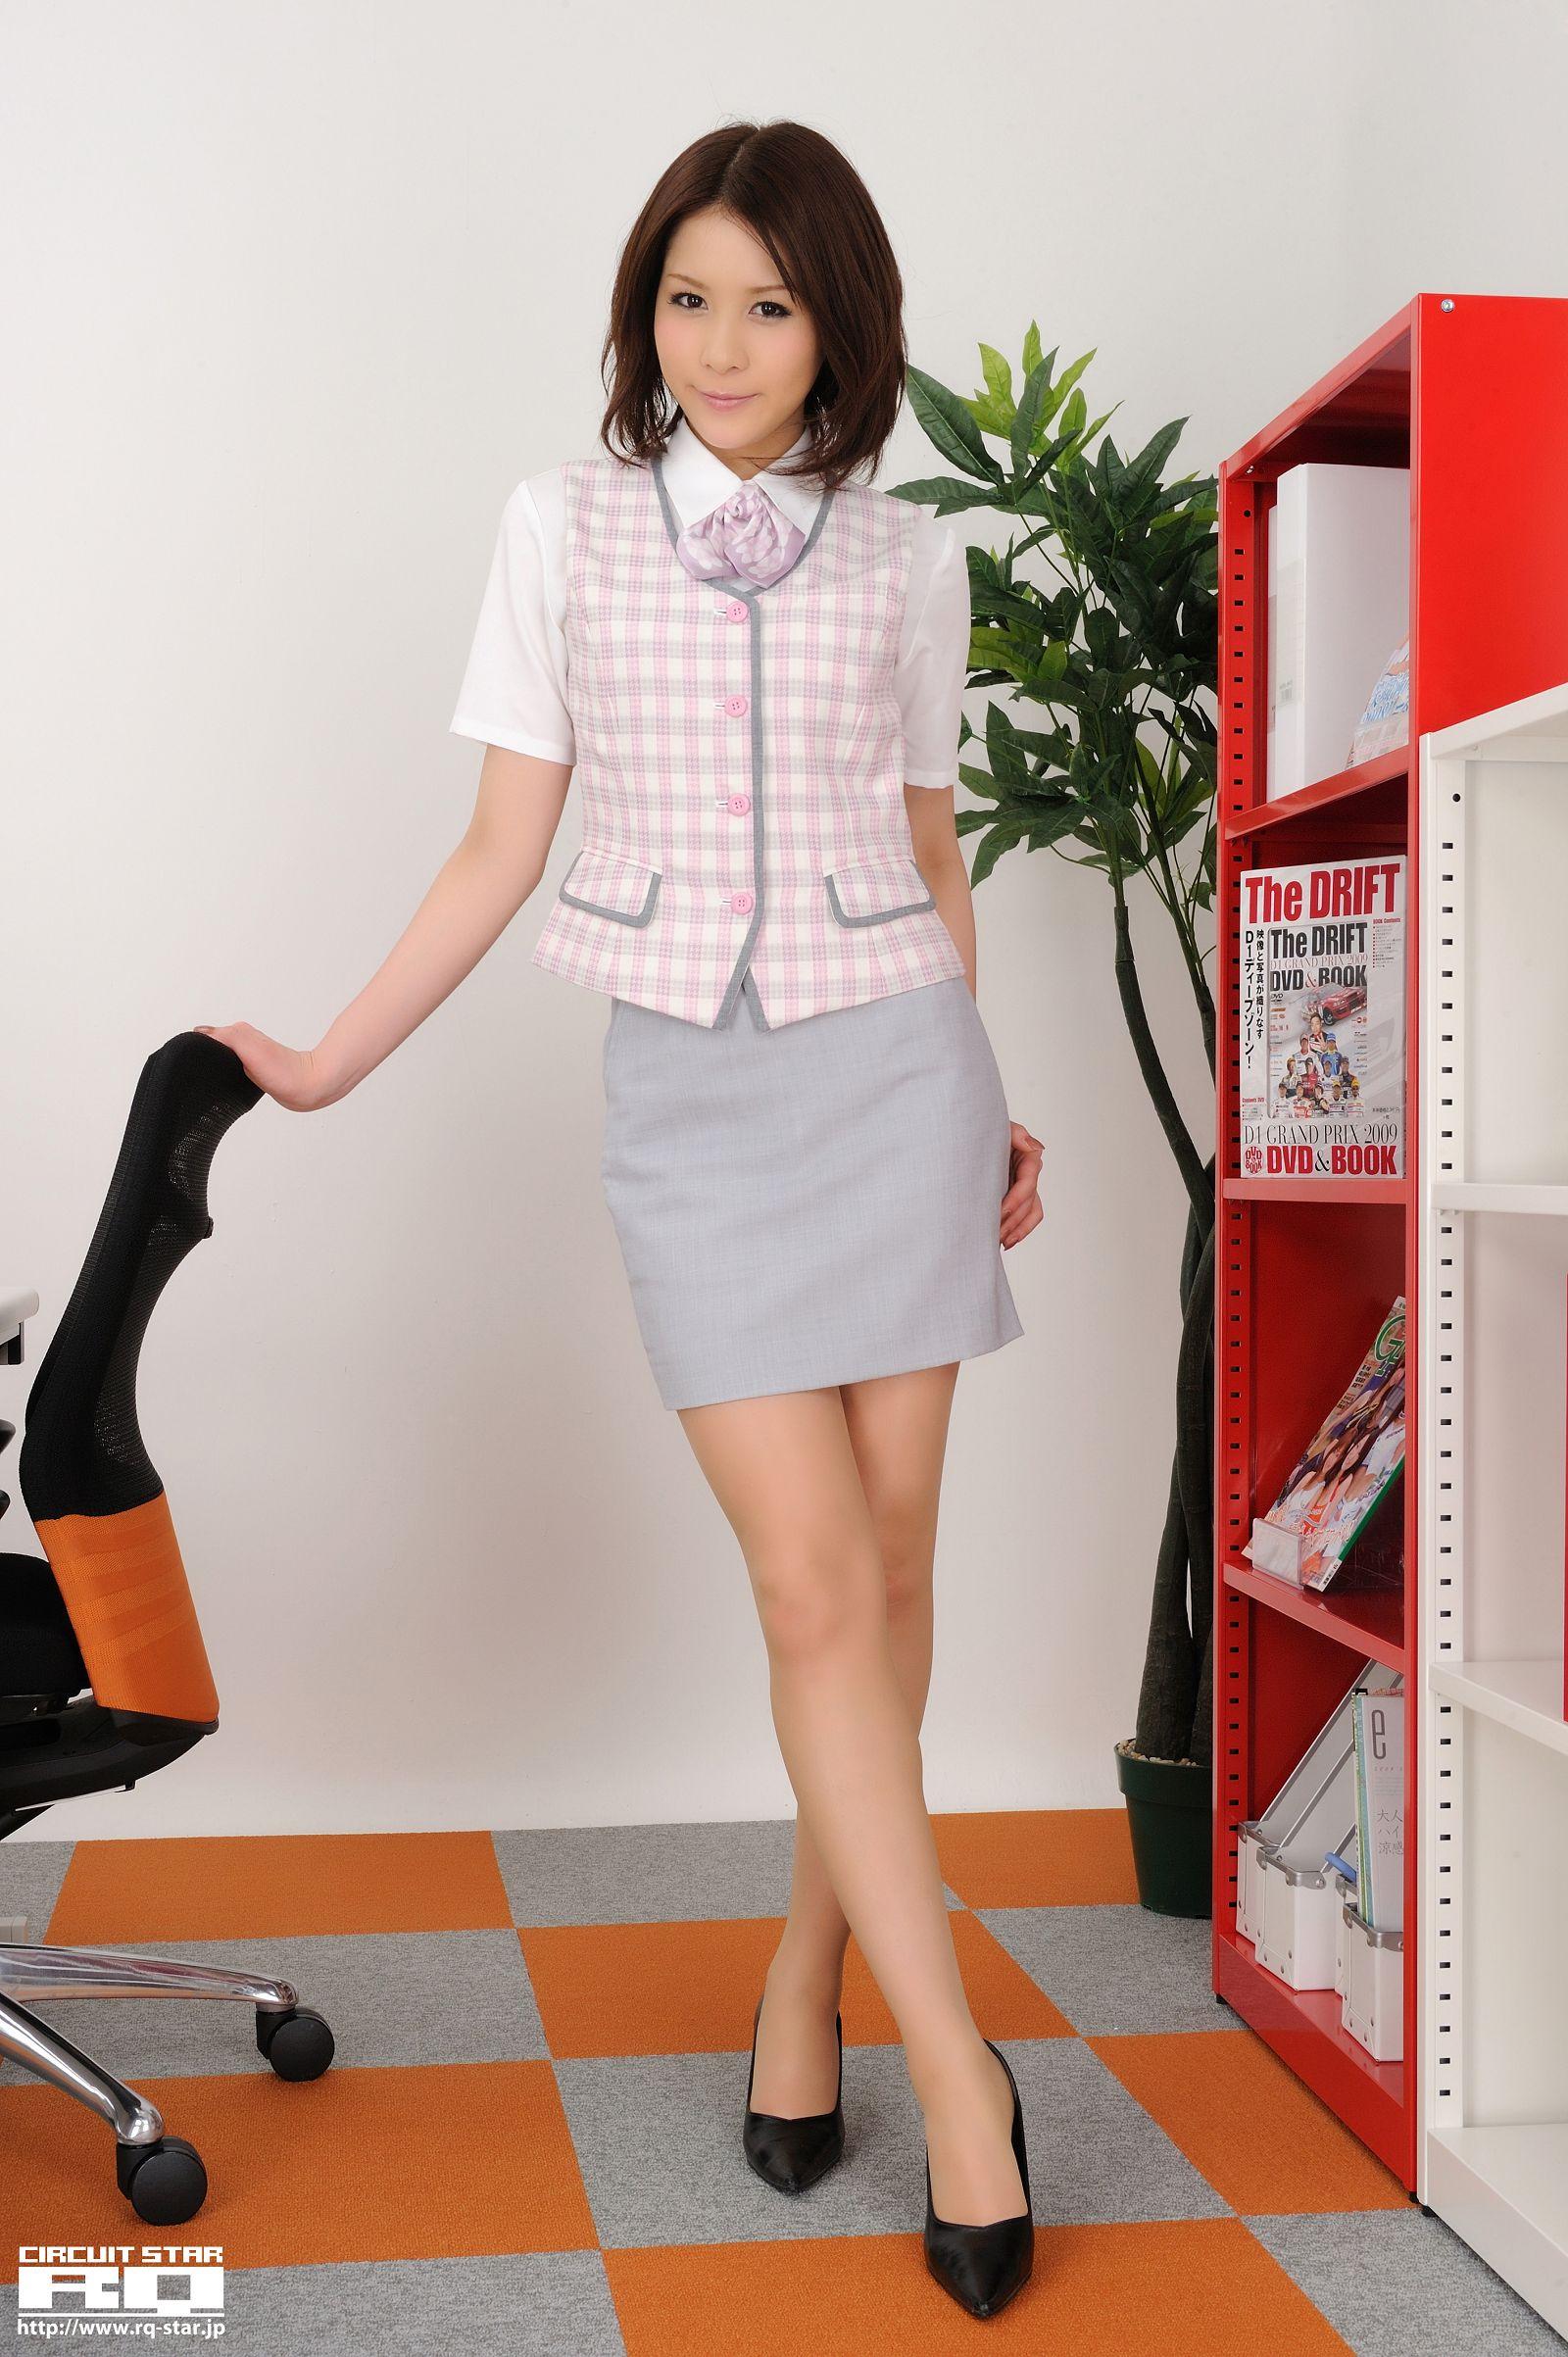 [RQ STAR美女] NO.0300 Saki Tachibana 立花サキ Office Lady[126P] RQ STAR 第1张